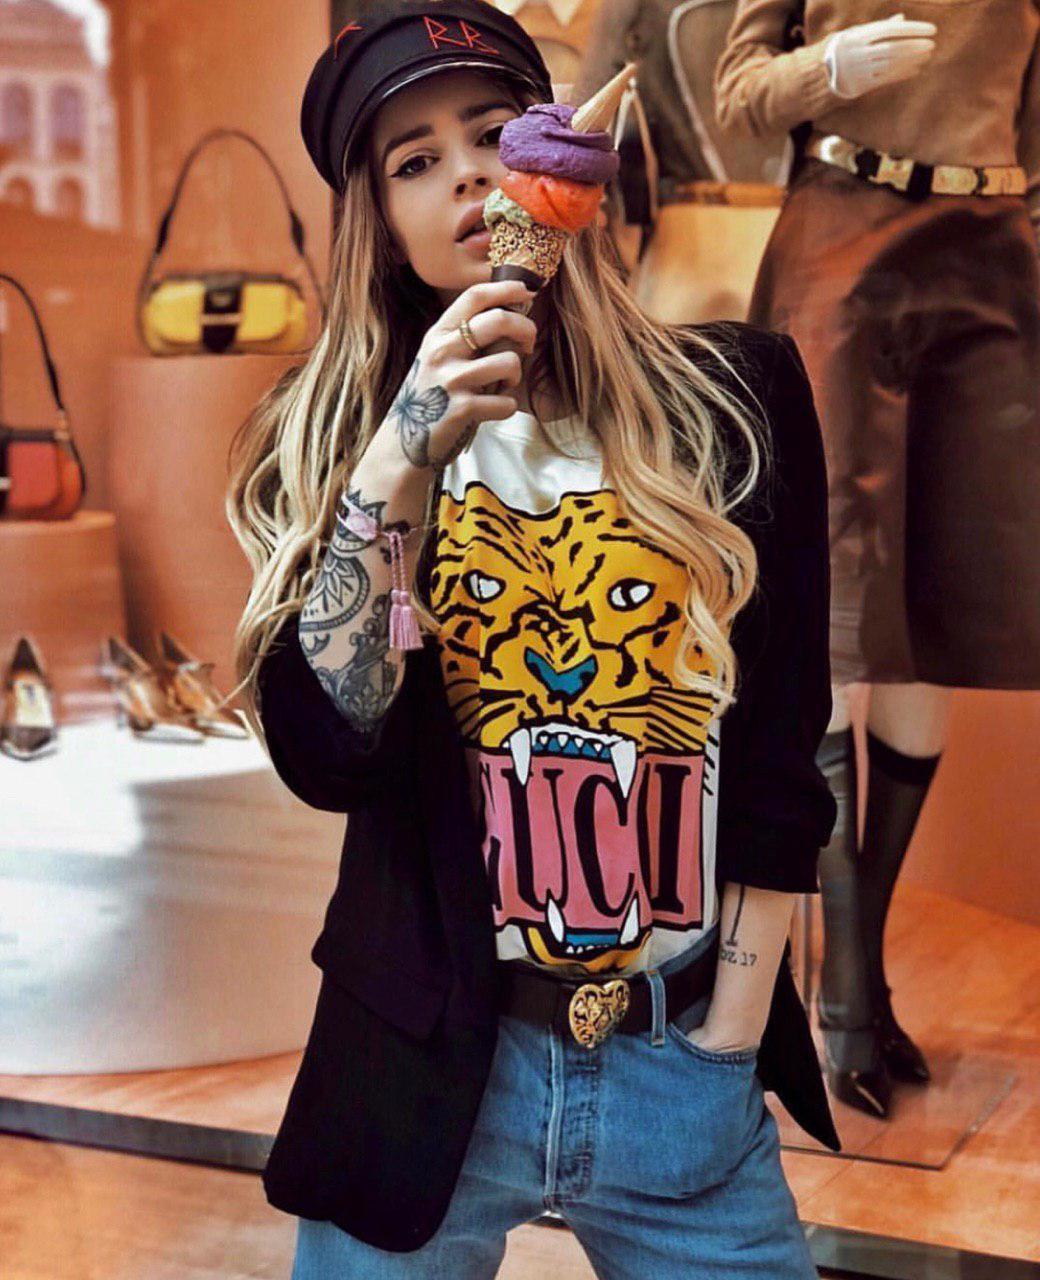 c58e44be9 Футболка GUCCI люксовая реплива - Оптово-розничный интернет-магазин модной  одежды